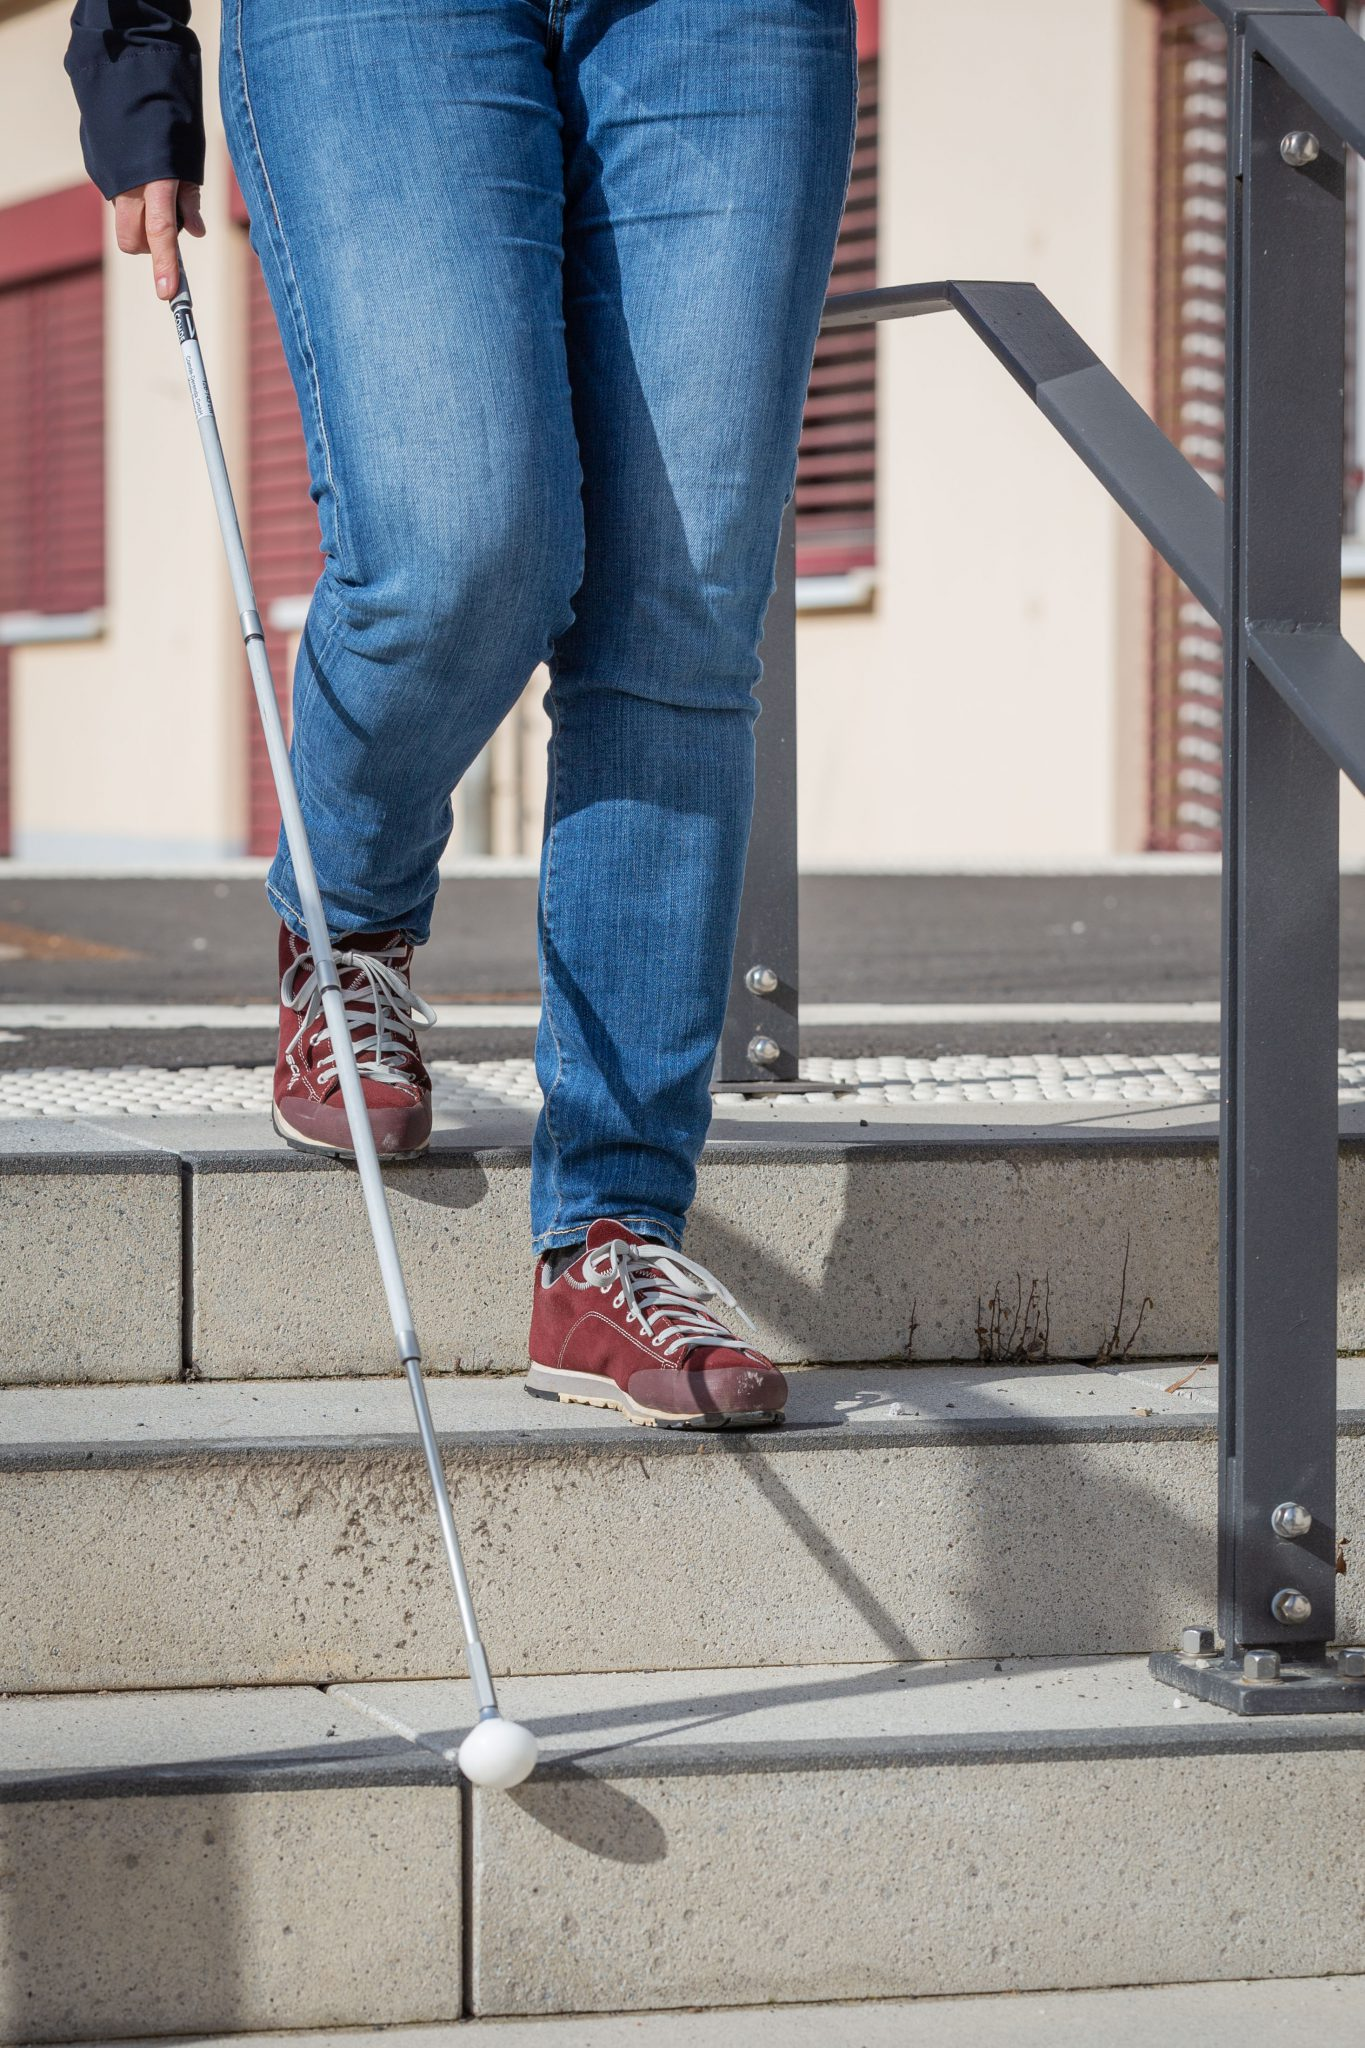 Treppentechnik mit dem Blindenlangstock